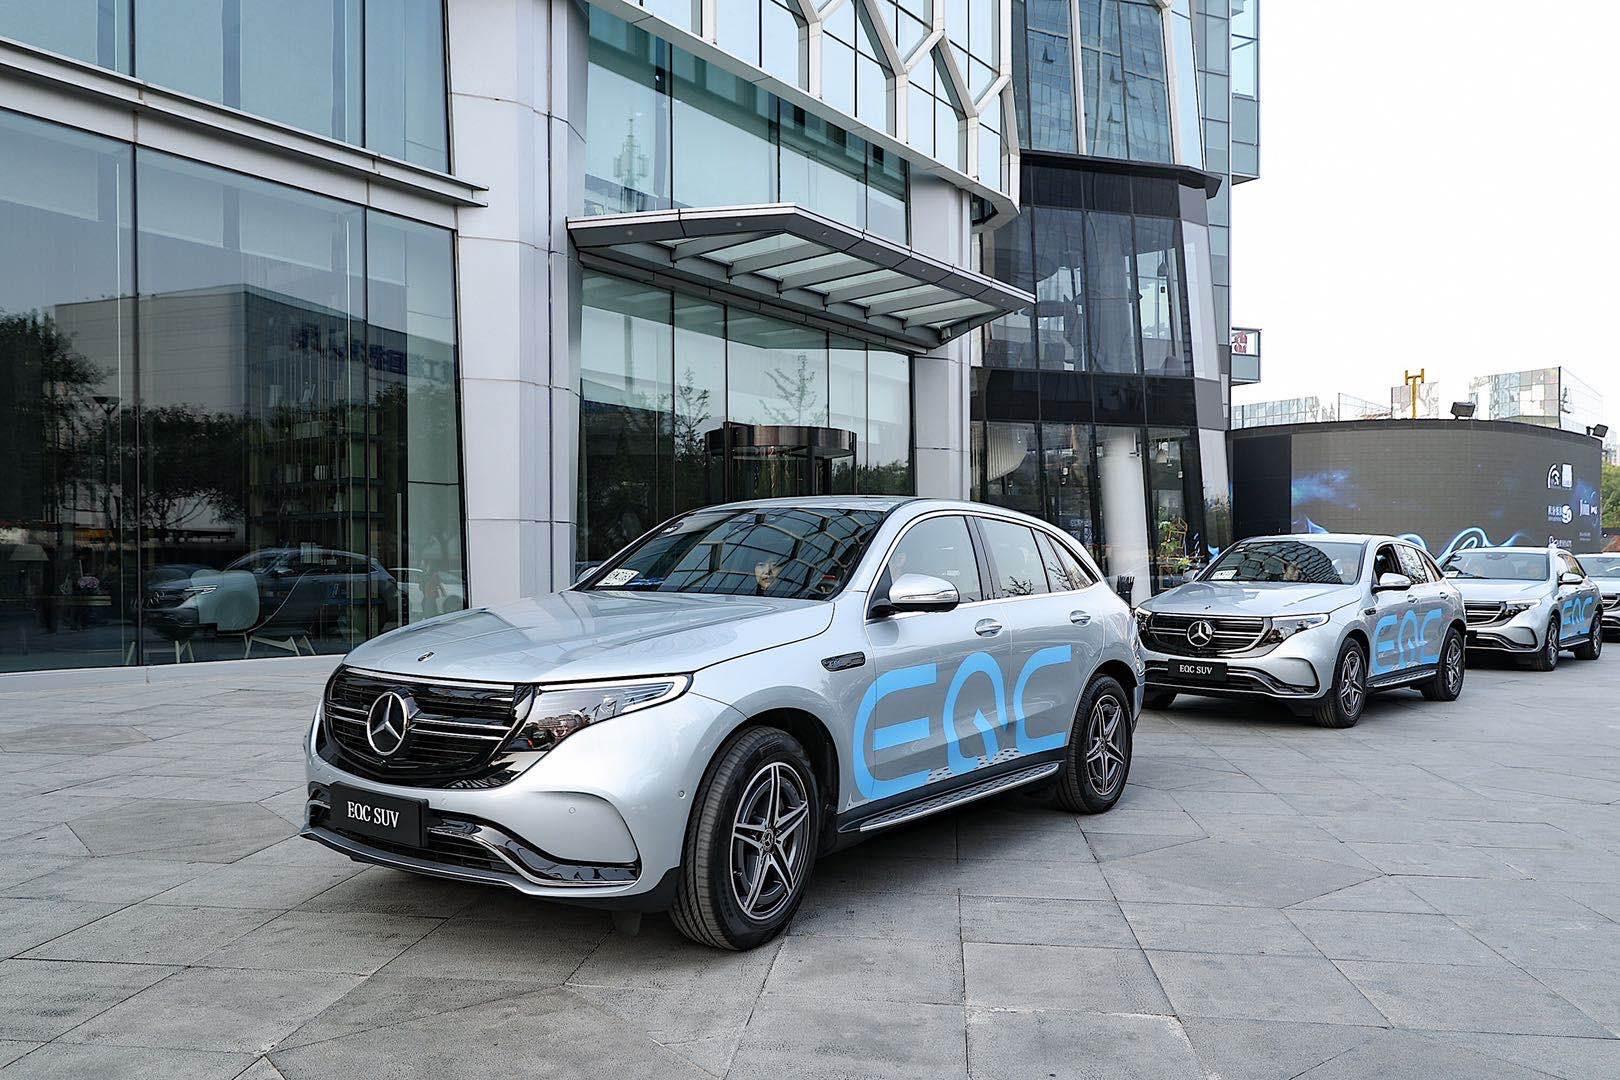 """2.全新EQC纯电SUV打卡代表未来生活创新理念的""""网红地""""之一、 """"新零售""""理念的代表——Mercedes me Store北京三里屯体验店"""